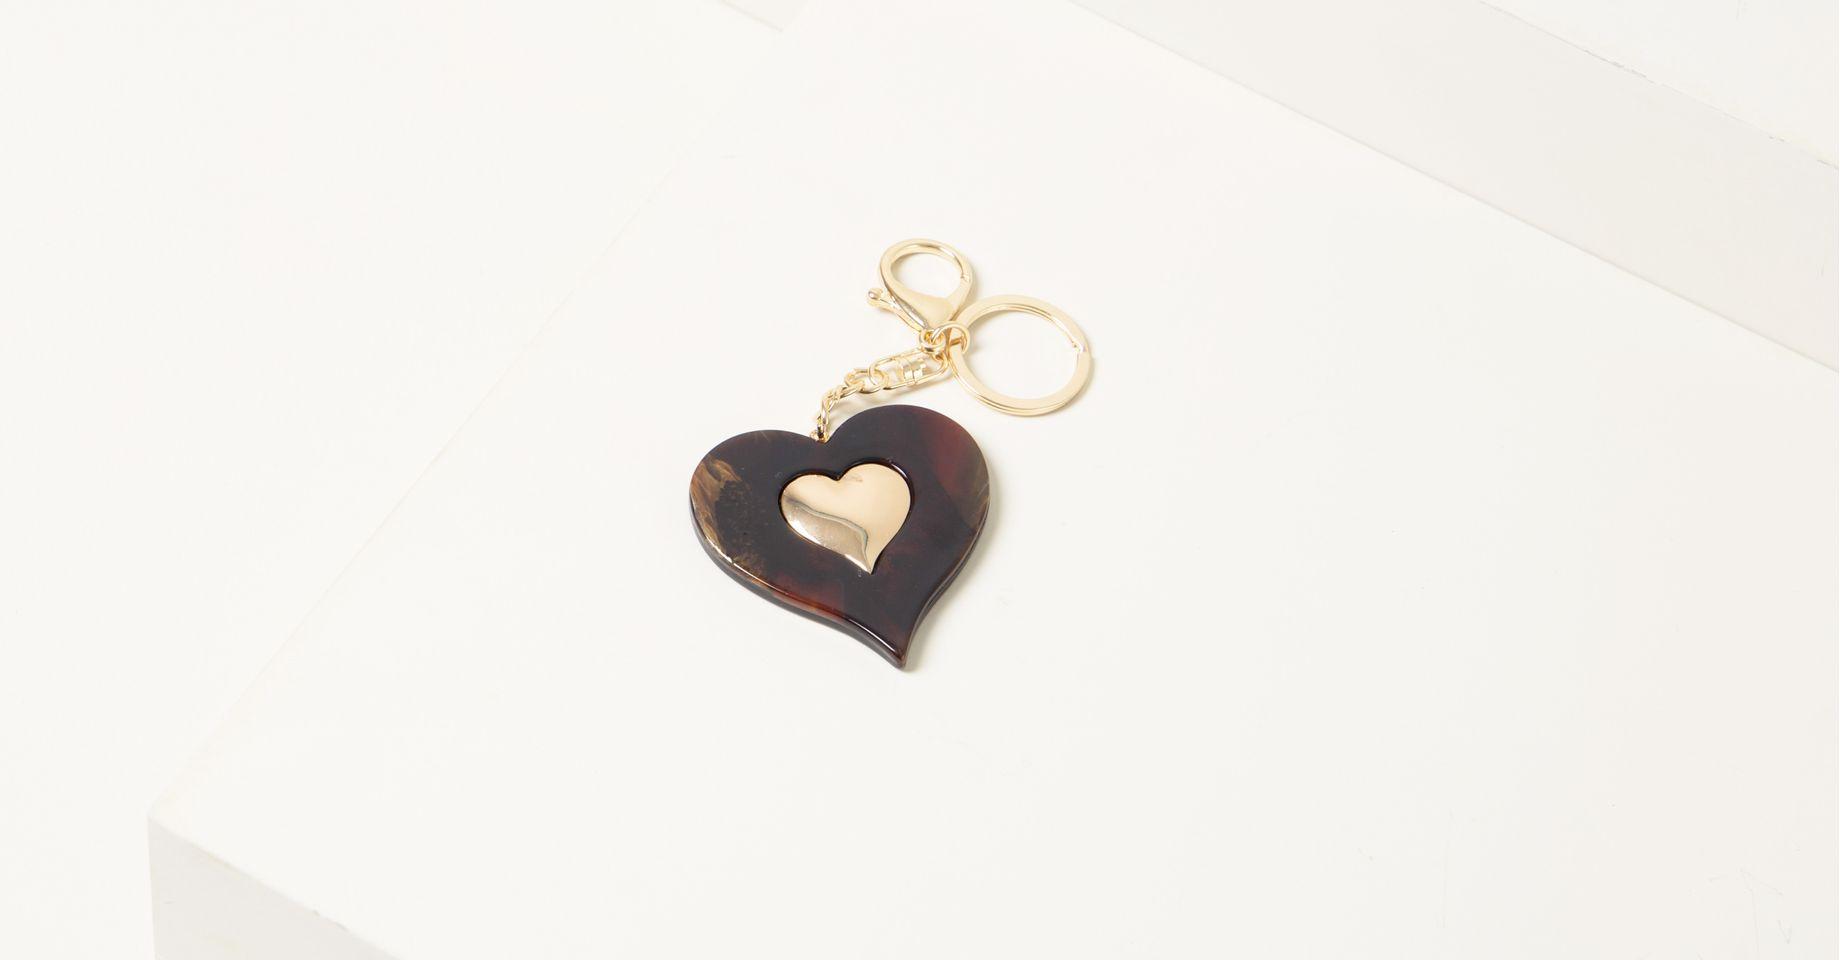 021103019_008_2-CHAVEIRO-HEART